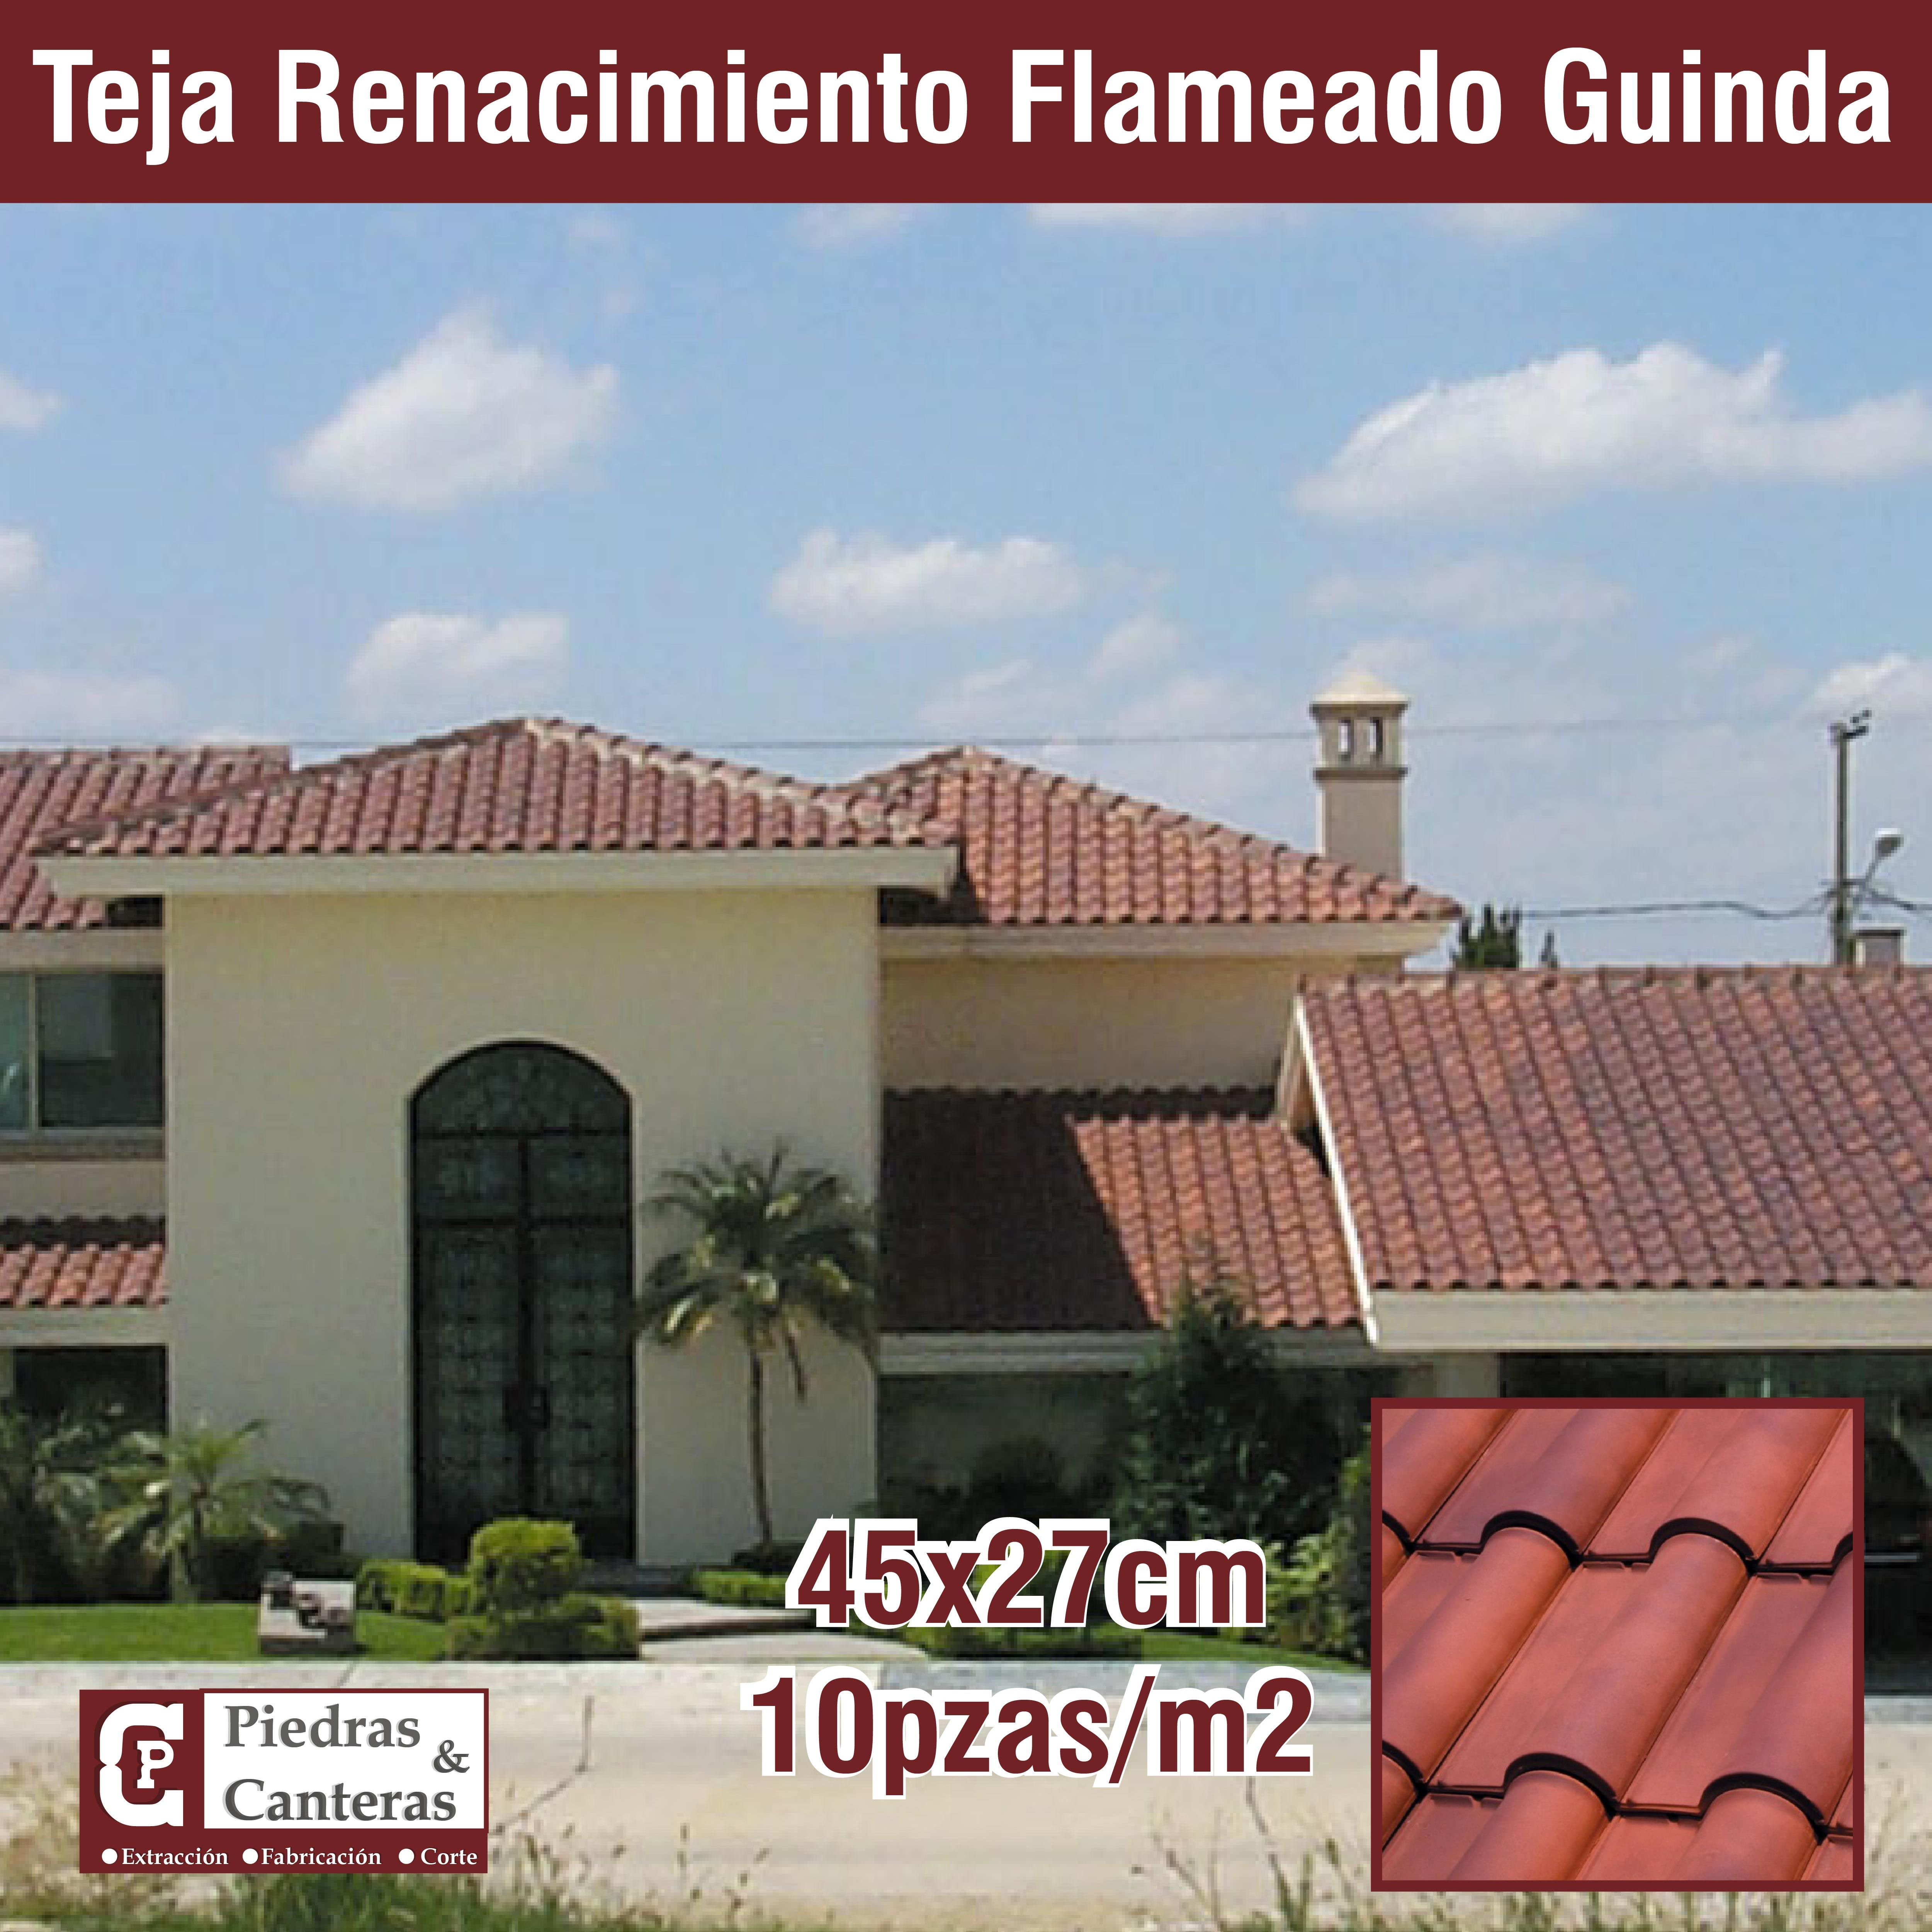 Teja Renacimiento Flameado Guinda Casas Grandes Tejas De Barro Teja